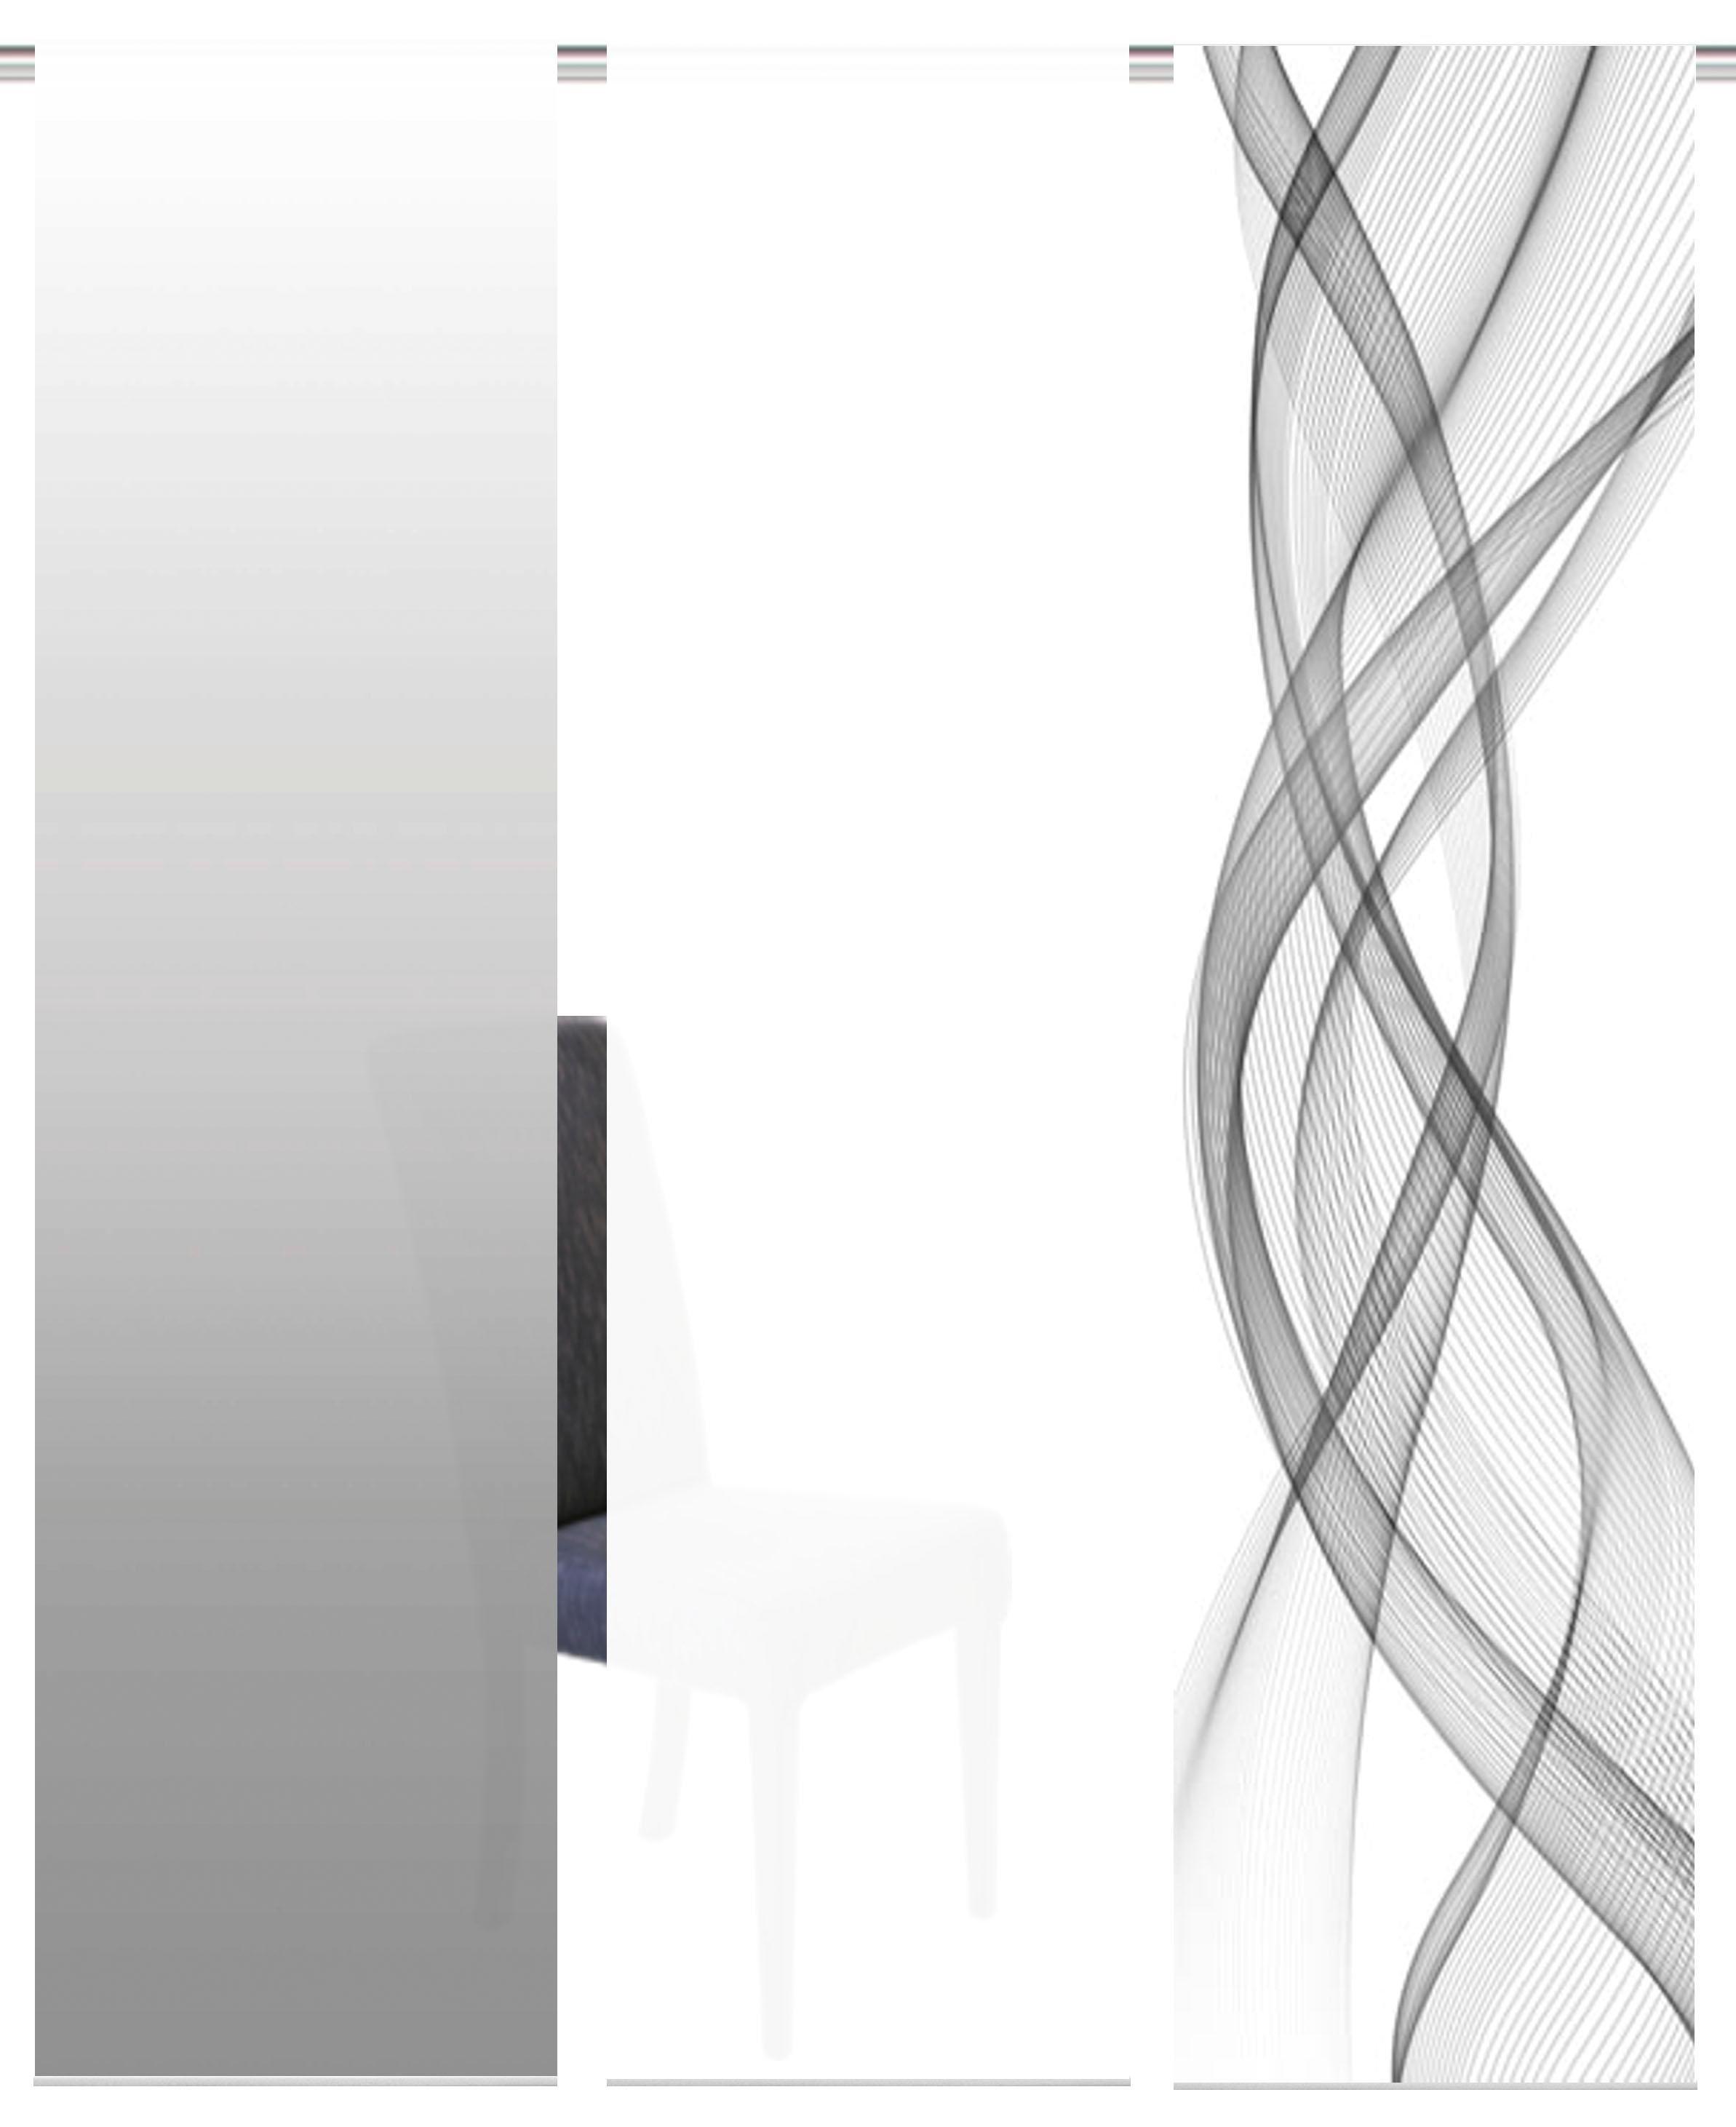 HOME WOHNIDEEN paneelgordijn FERROLA HxB: 245x60, inclusief bevestigingsmateriaal (3 stuks) nu online kopen bij OTTO